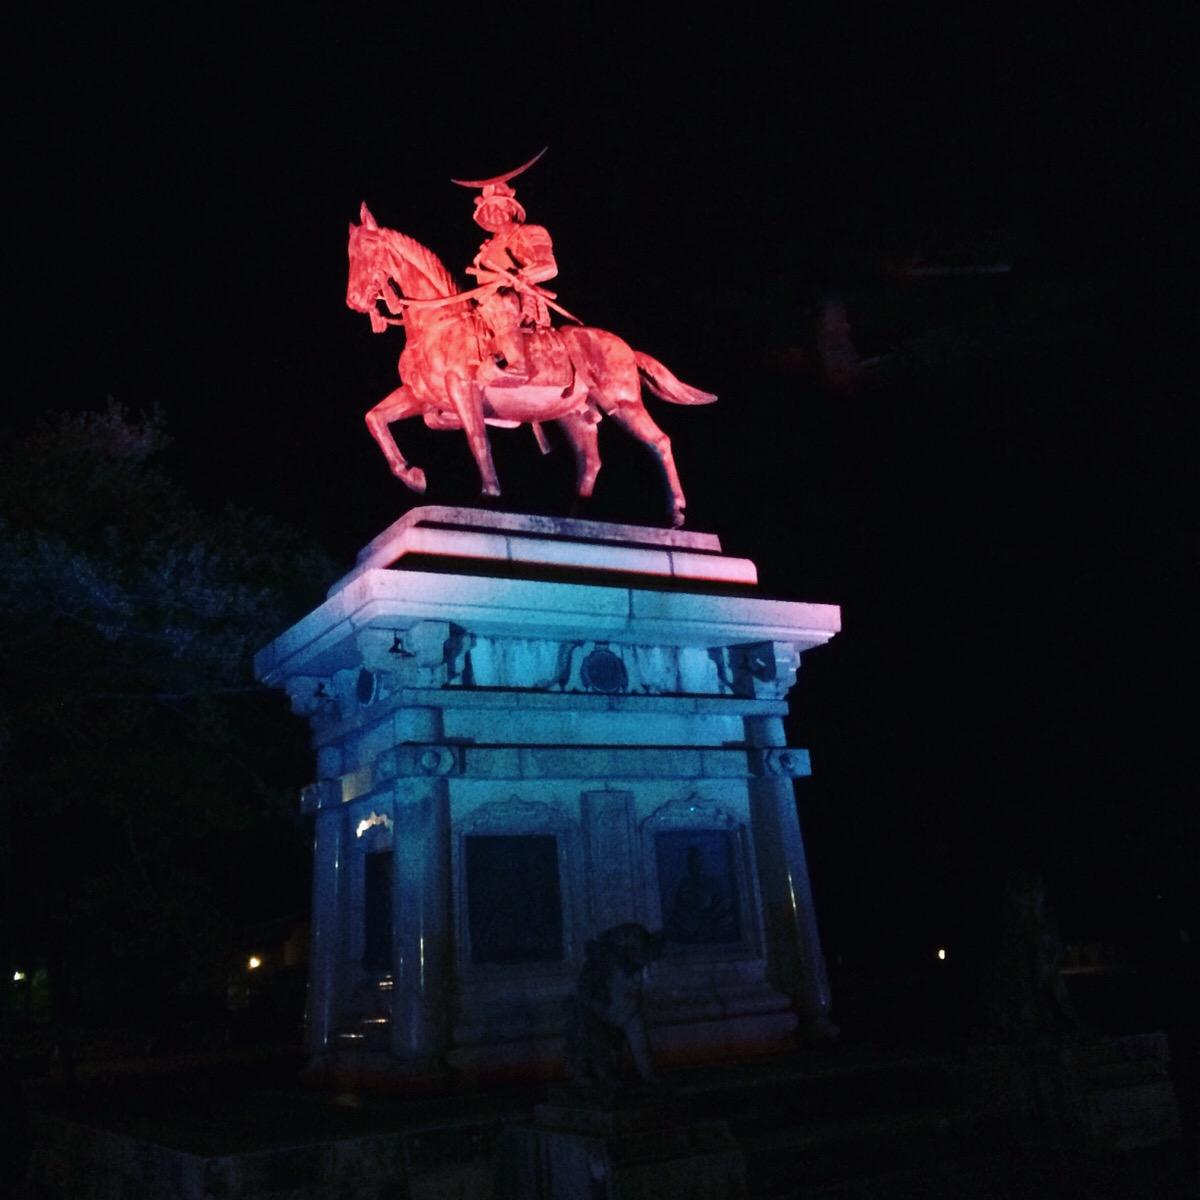 【仙台城ナイトツアー】星と懐中電灯の光で登る仙台城跡、ご褒美に夜景と乾杯